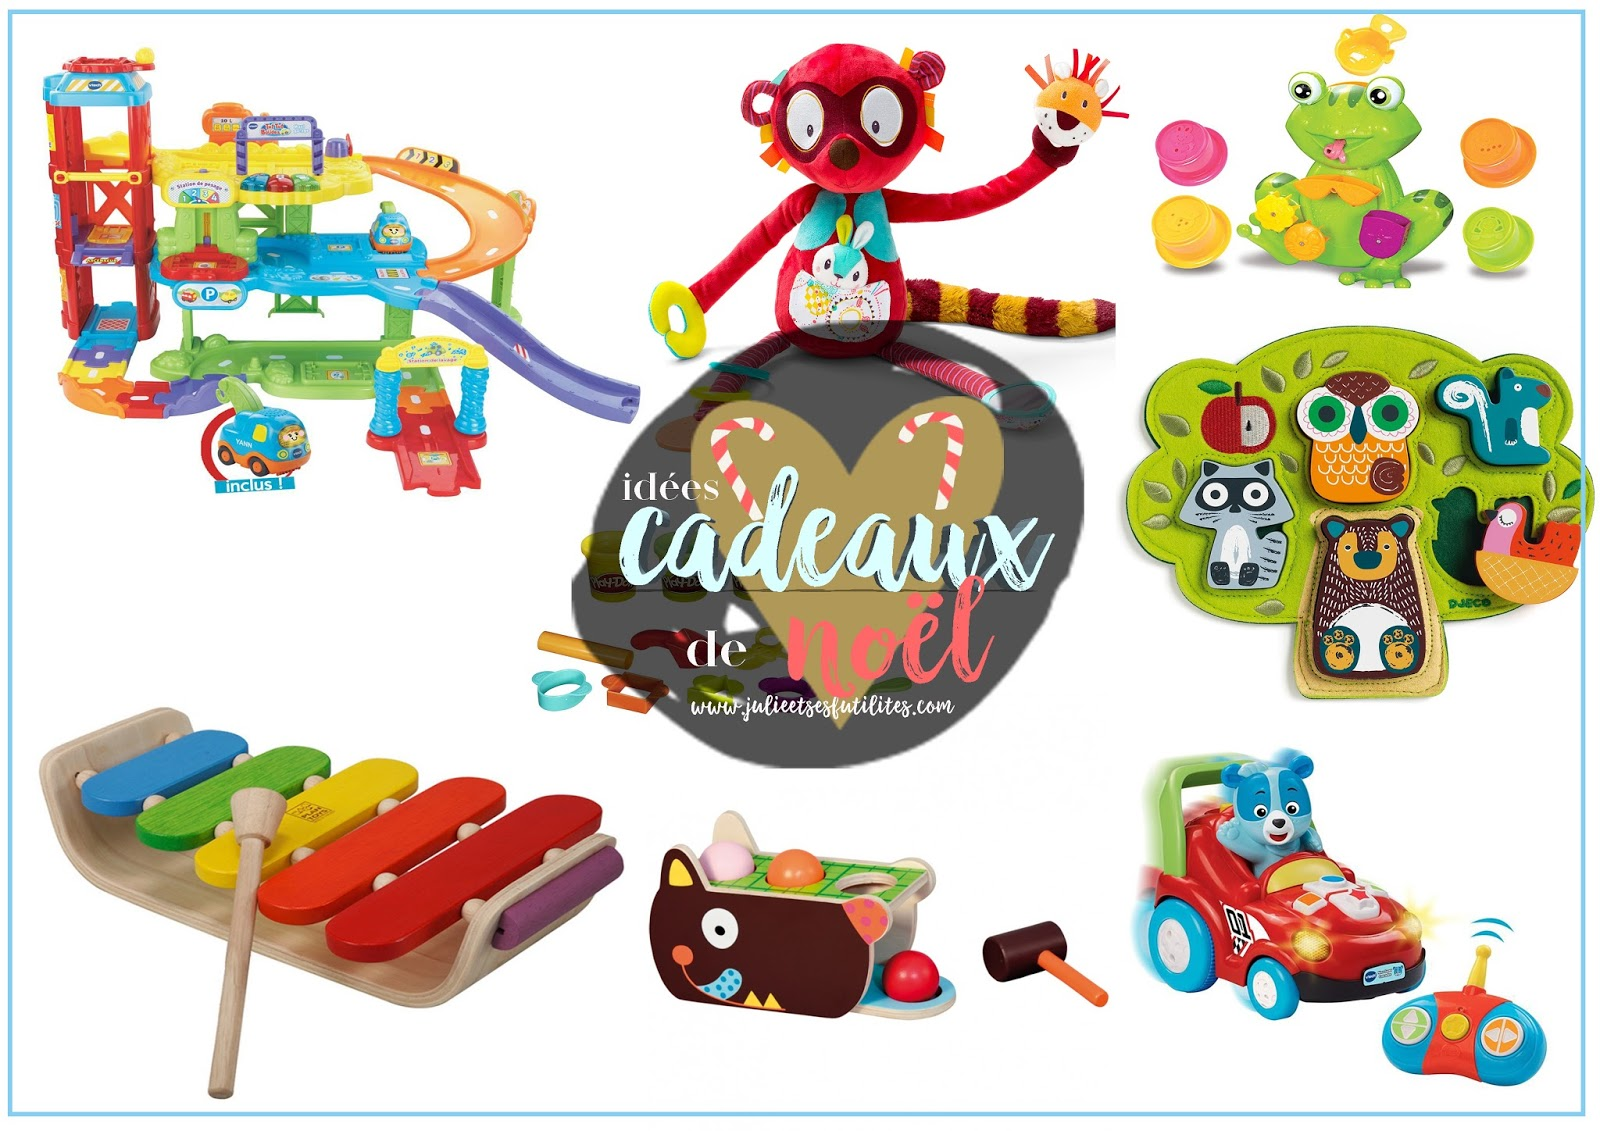 Idee Cadeau Petit Prix.L Instant Maman Bebe 7 Idees Cadeaux De Noel A Petit